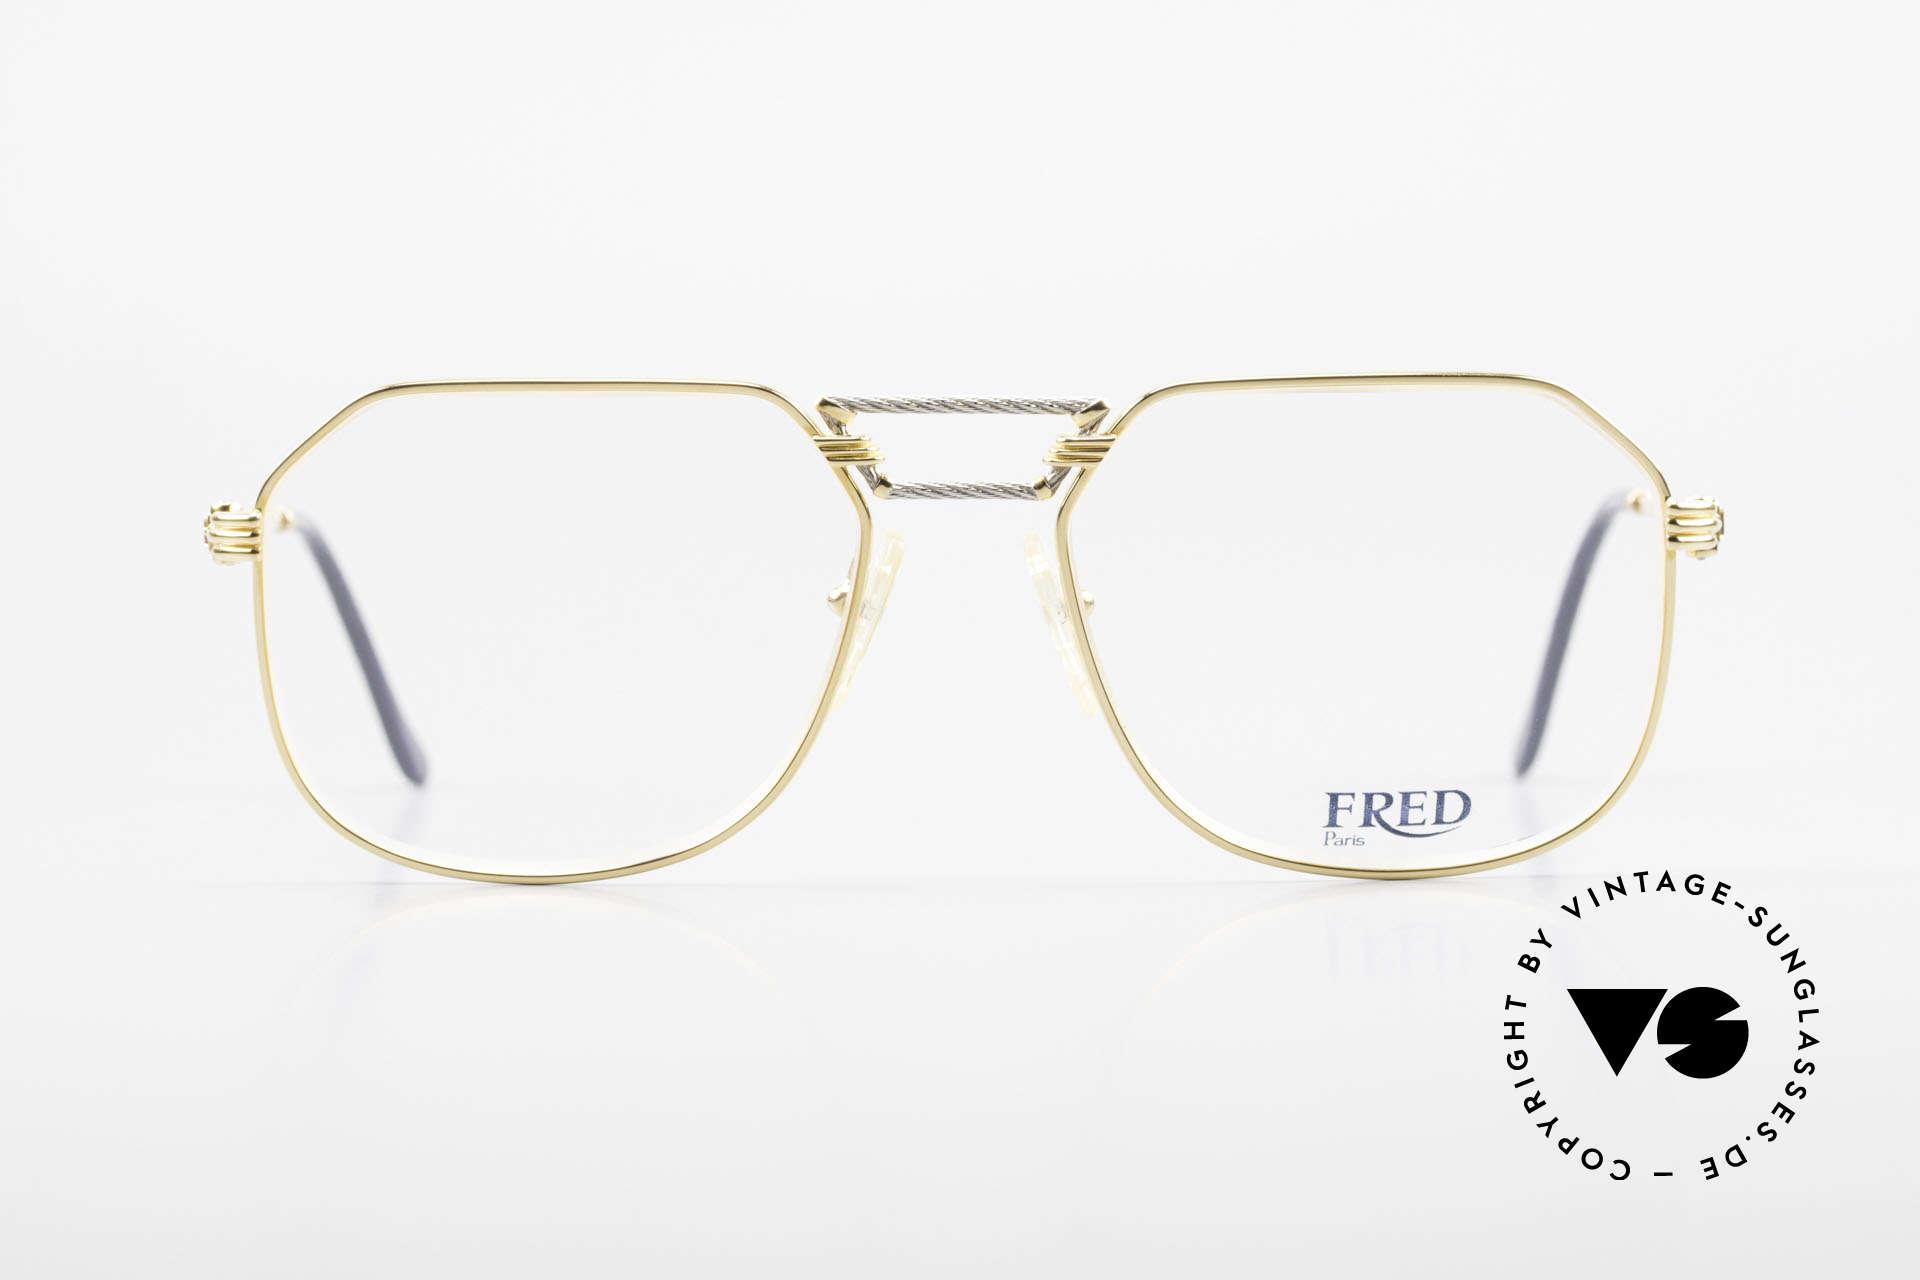 Fred Cap Horn - L Rare Vintage Brille 80er Luxus, marines Design (charakteristisch Fred) in Top-Qualität, Passend für Herren